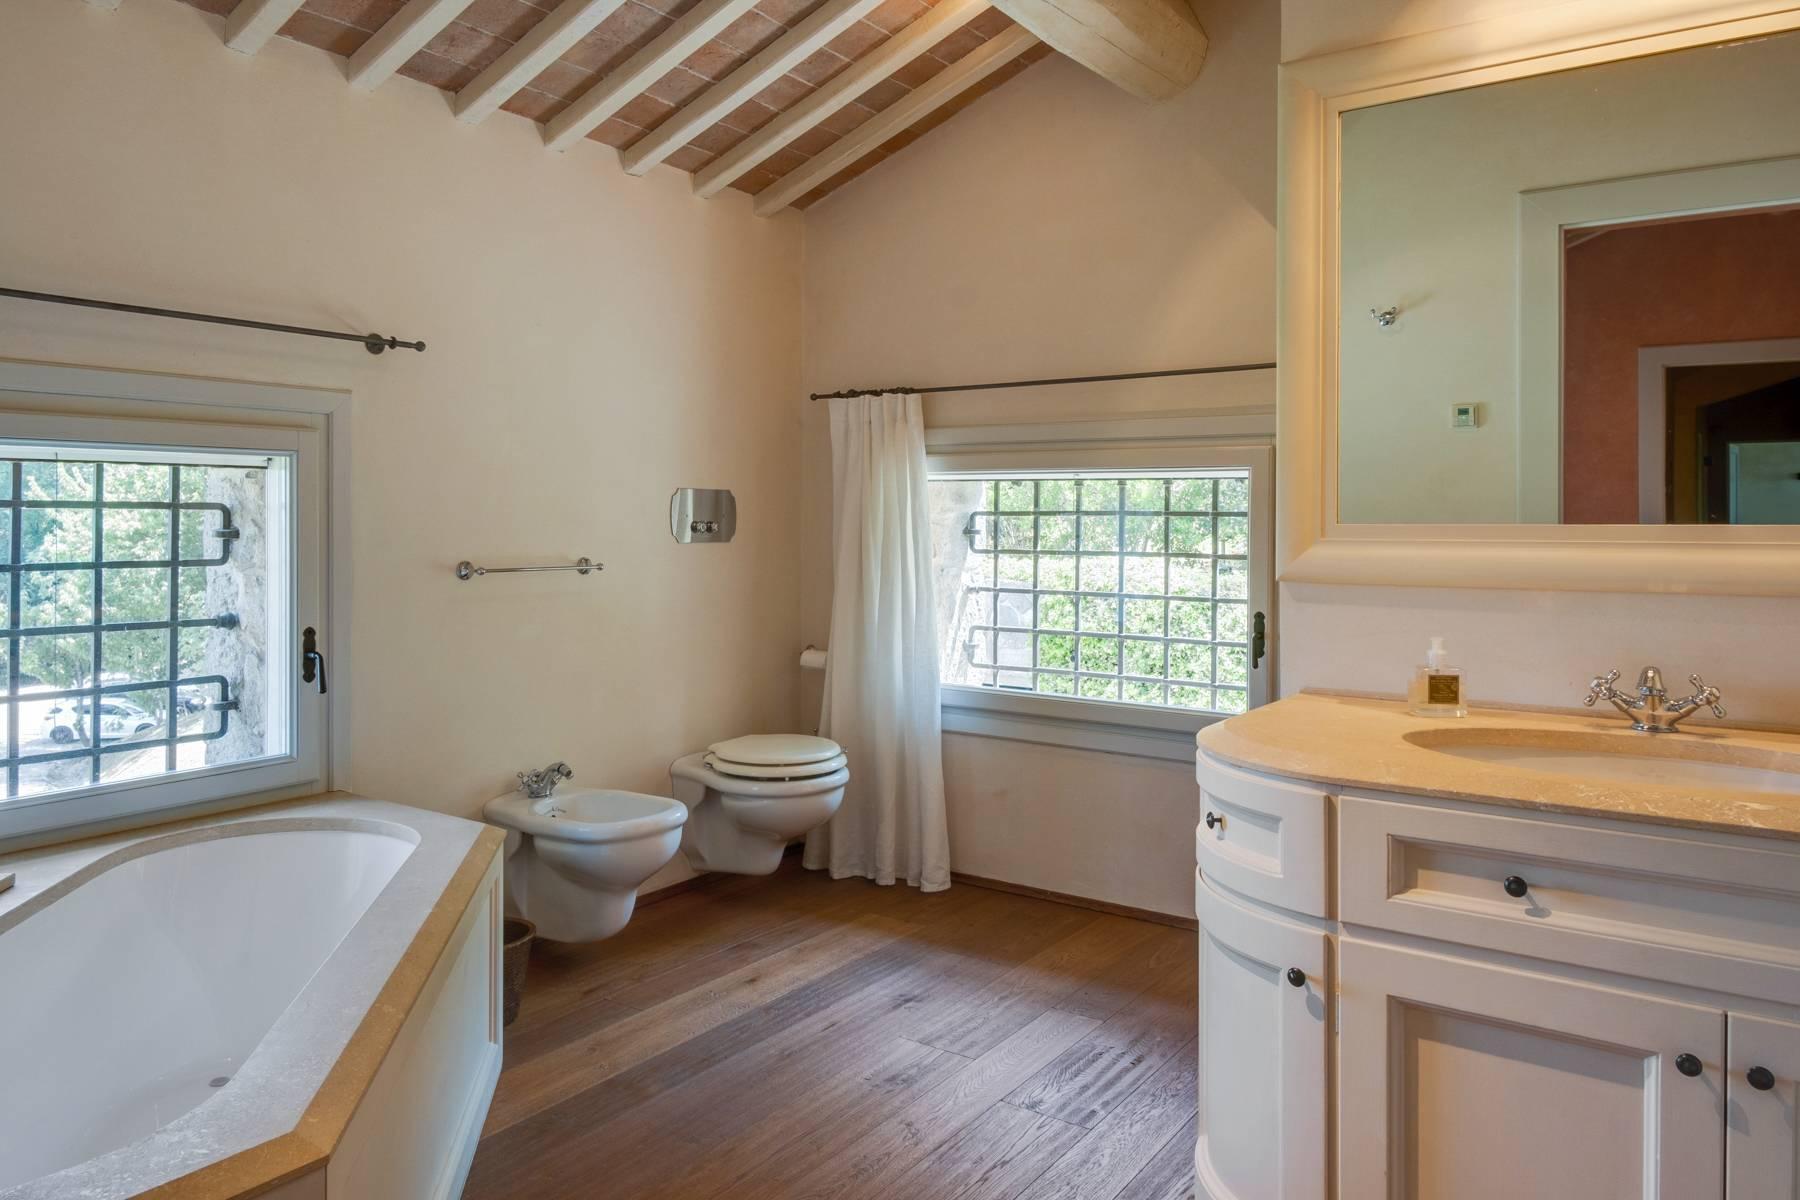 Fabelhaft renoviertes Bauernhaus auf den Hügeln mit Schwimmbad und landwirtschaftlichem Anwesen mit Weinbergen - 21